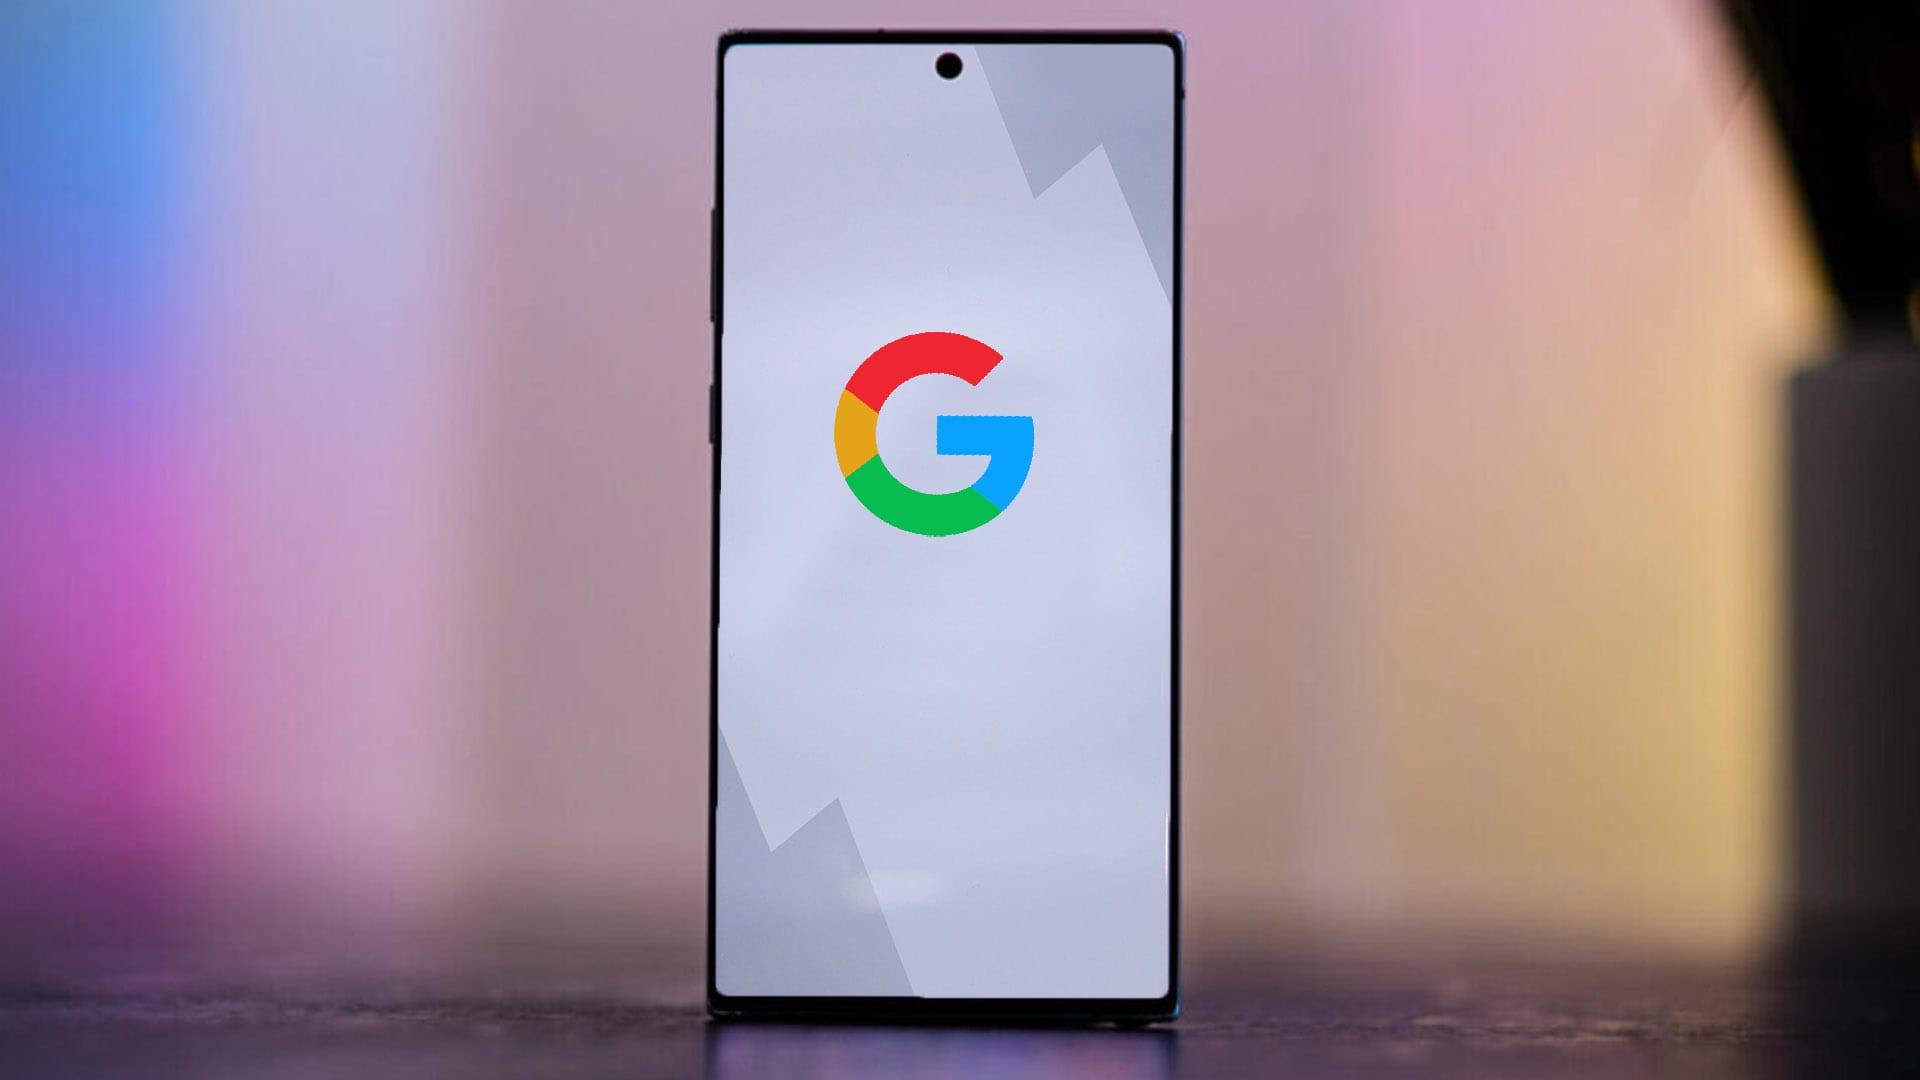 تحديث جديد لمحرك بحث Google يأتي بترقية في تقنية الذكاء الإصطناعي لإدراك تساؤلات المستخدم أثناء البحث